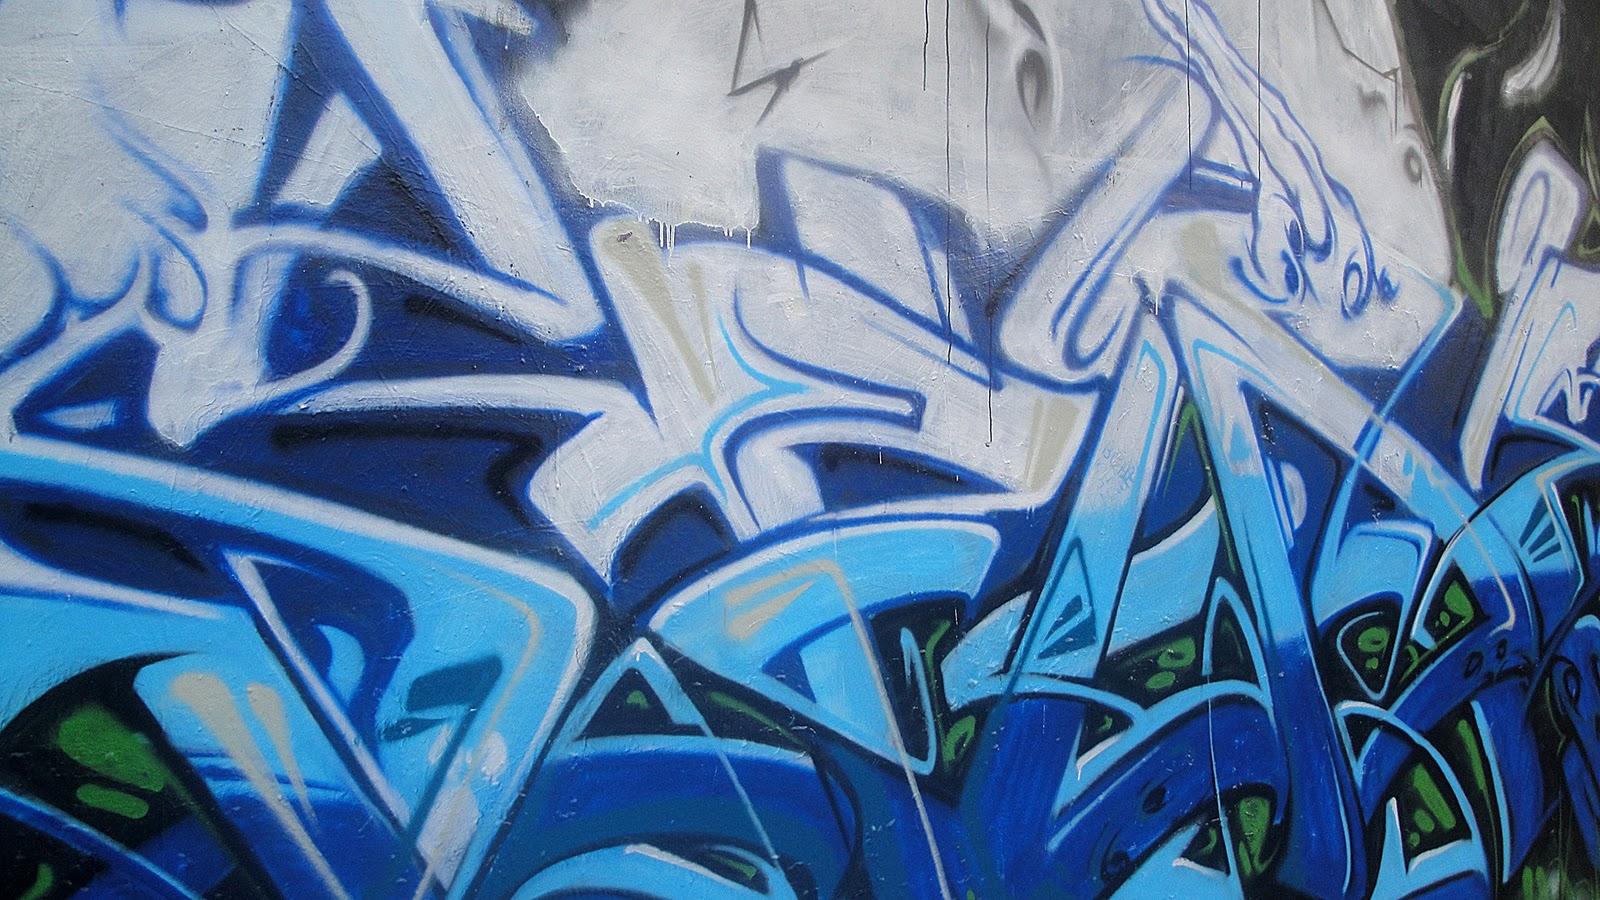 Graffiti Jogja